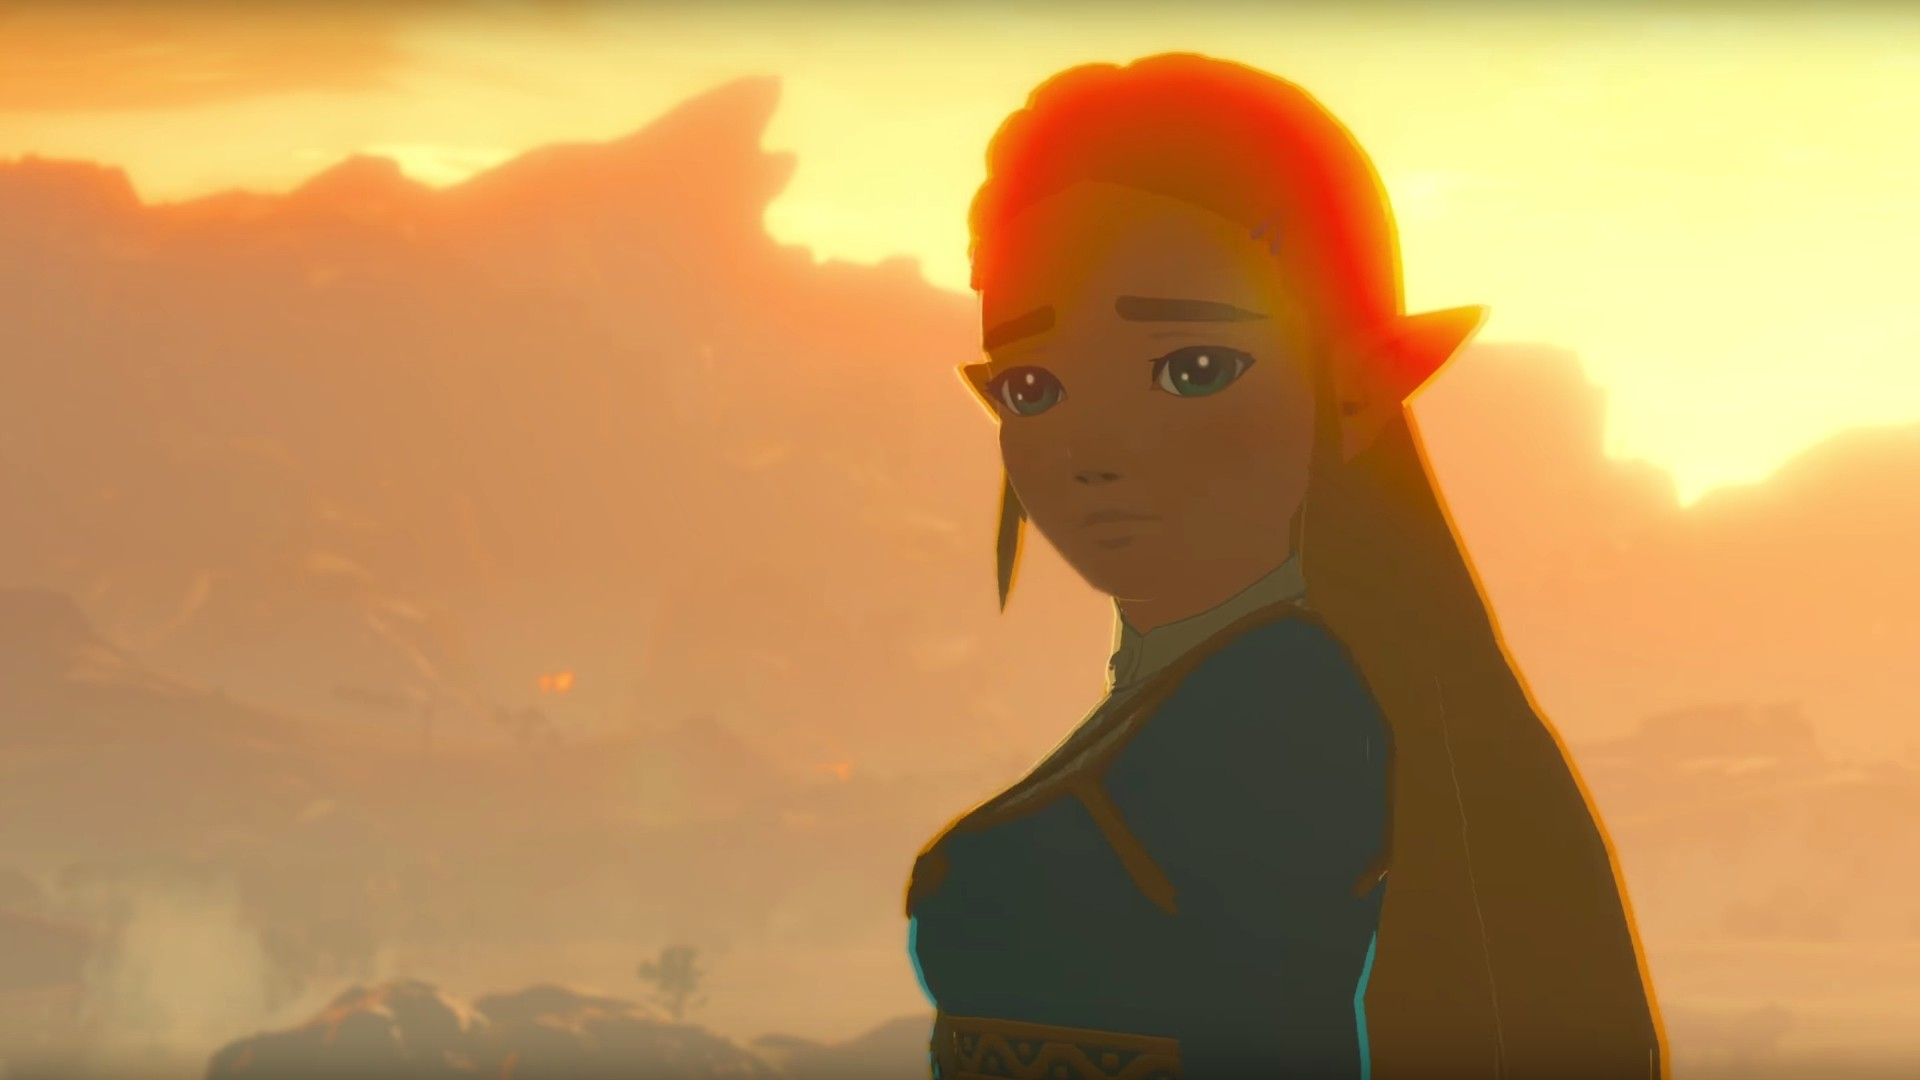 Zelda Breath Of The Wild Wallpaper Hd: 1080p Zelda Wallpaper (74+ Images